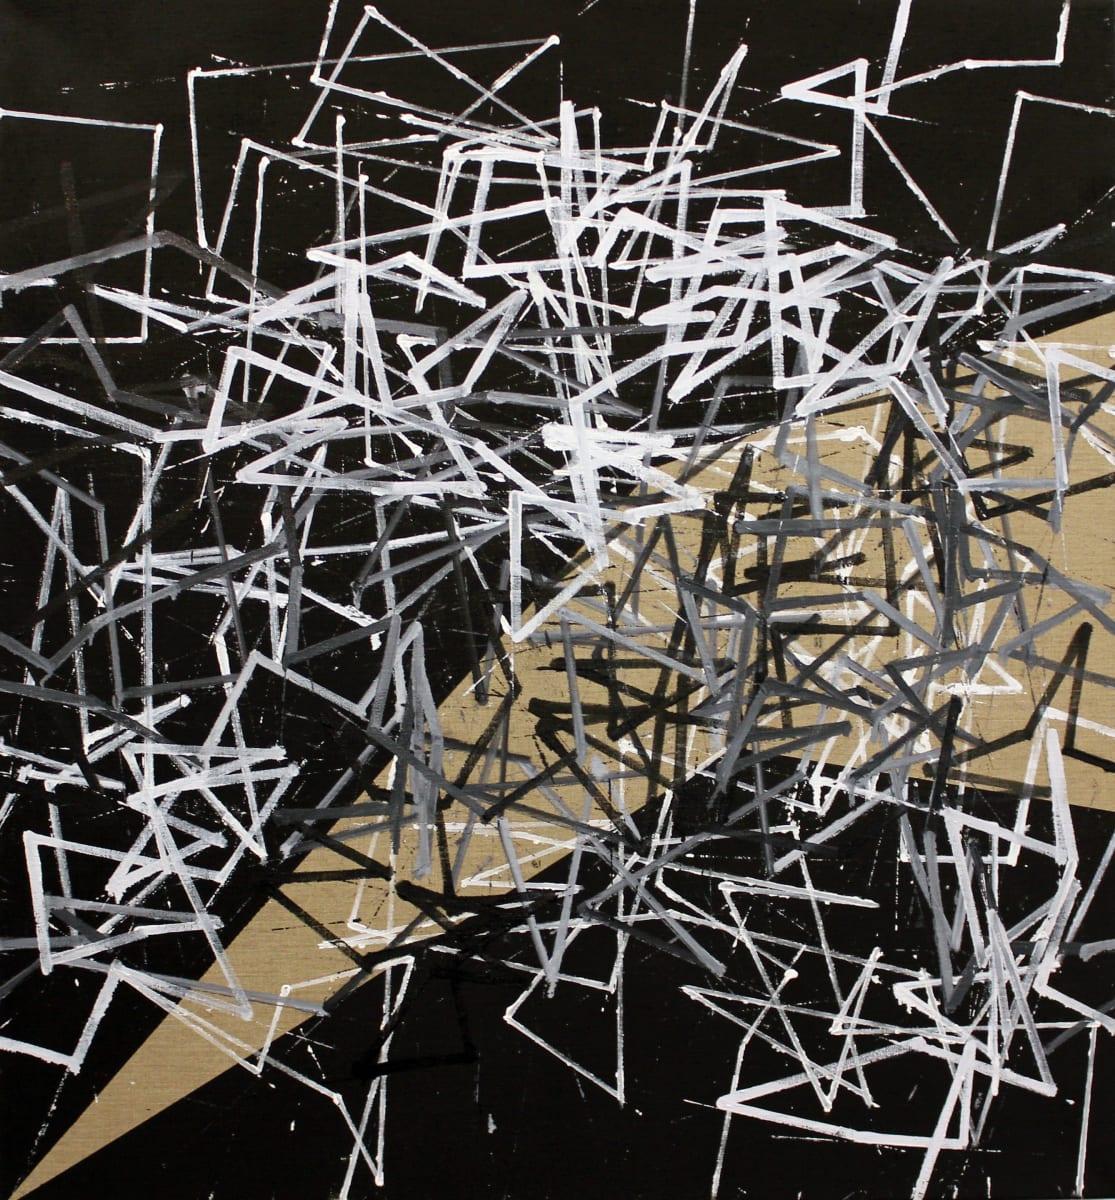 RW 151 (Burden of Good) by Jeff Perrott